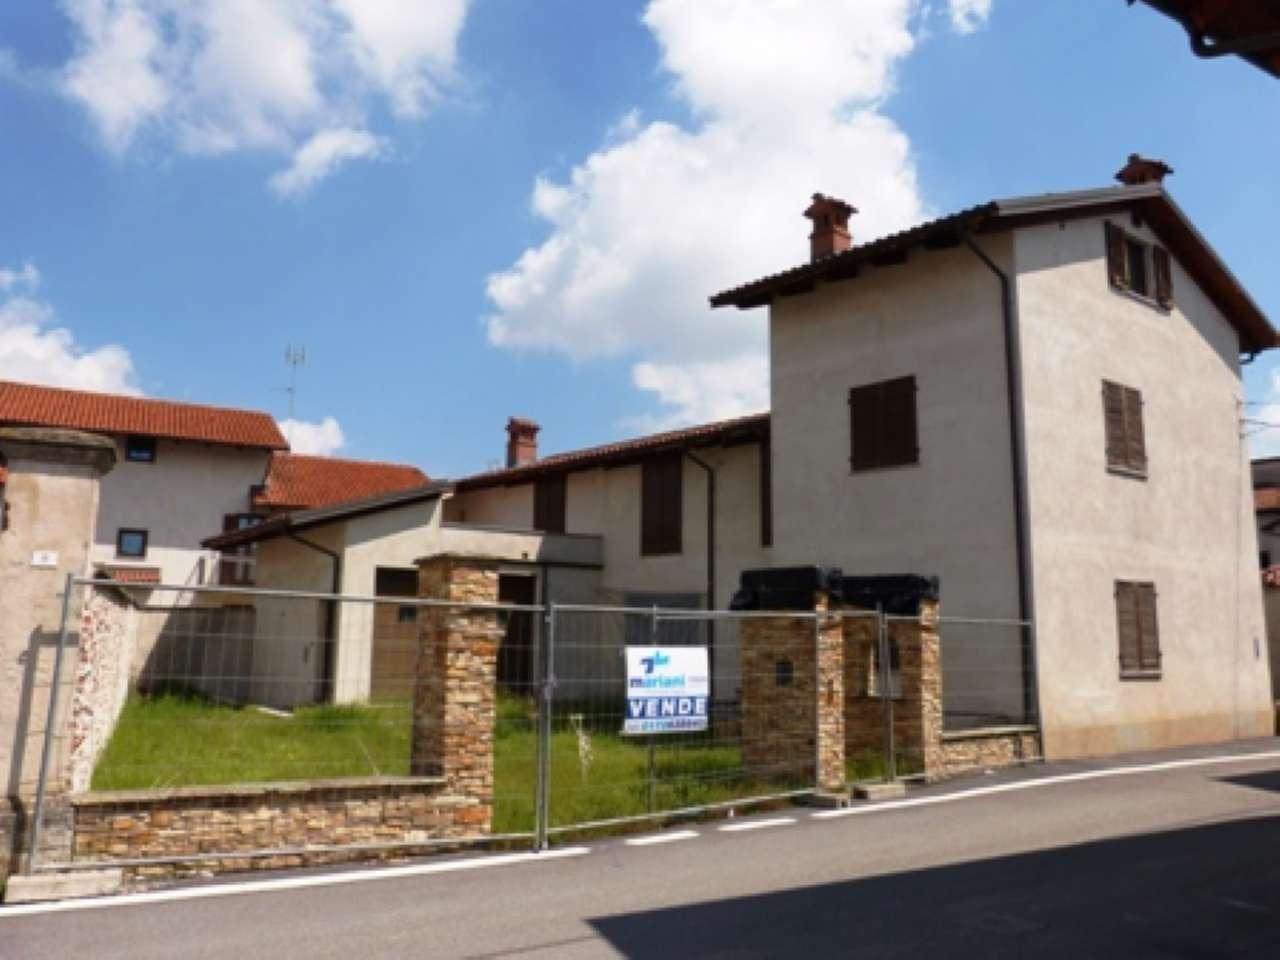 Soluzione Indipendente in vendita a Sant'Albano Stura, 5 locali, prezzo € 295.000 | CambioCasa.it